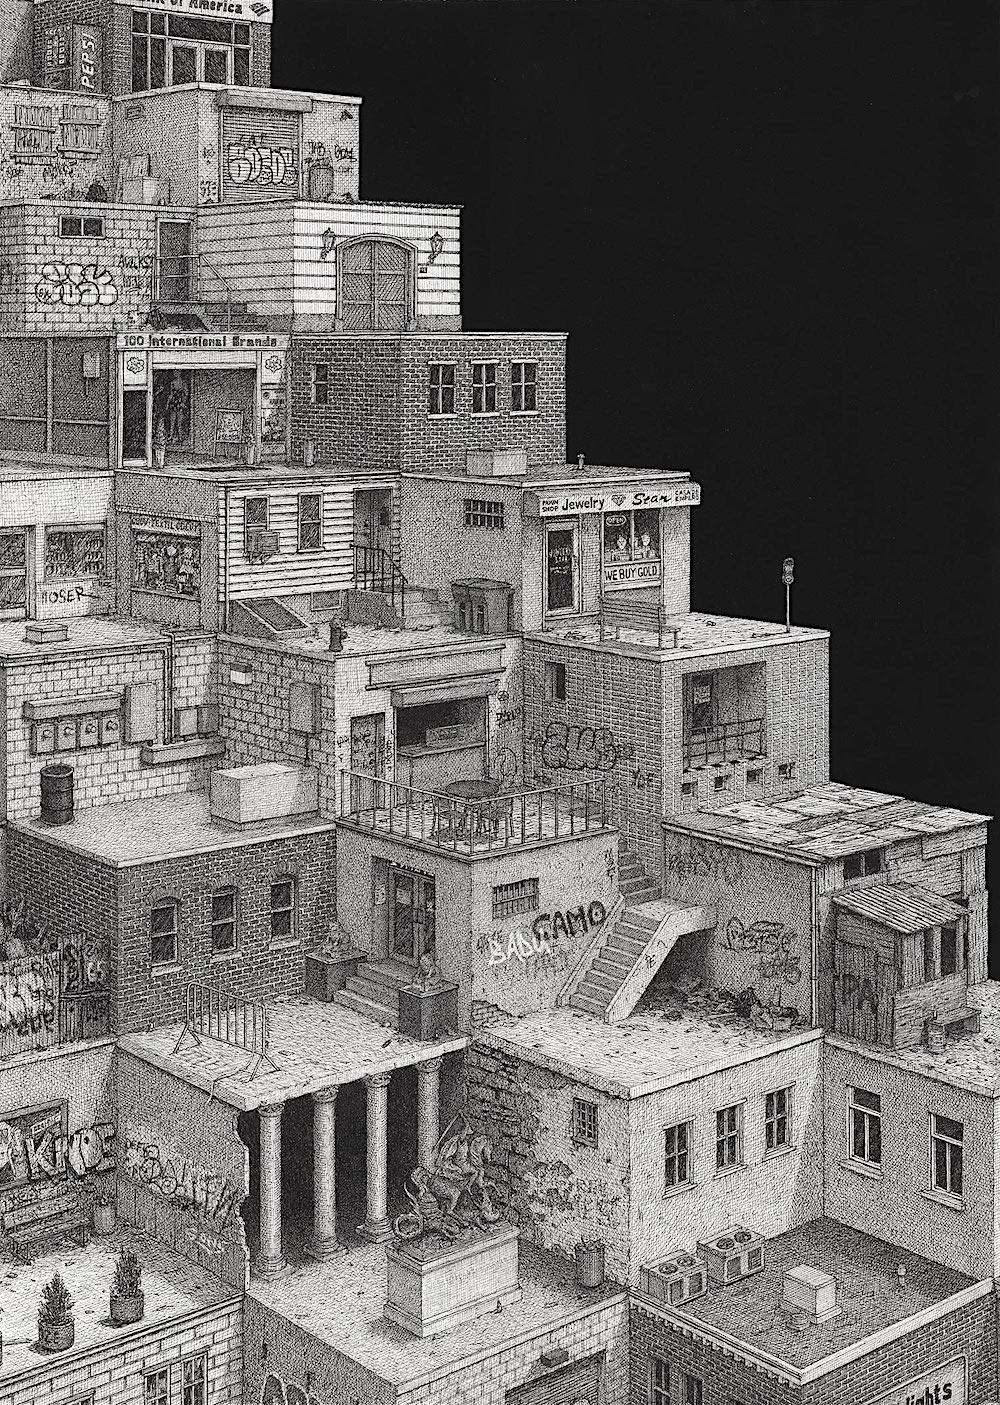 Ben Tolman art, urban buildings